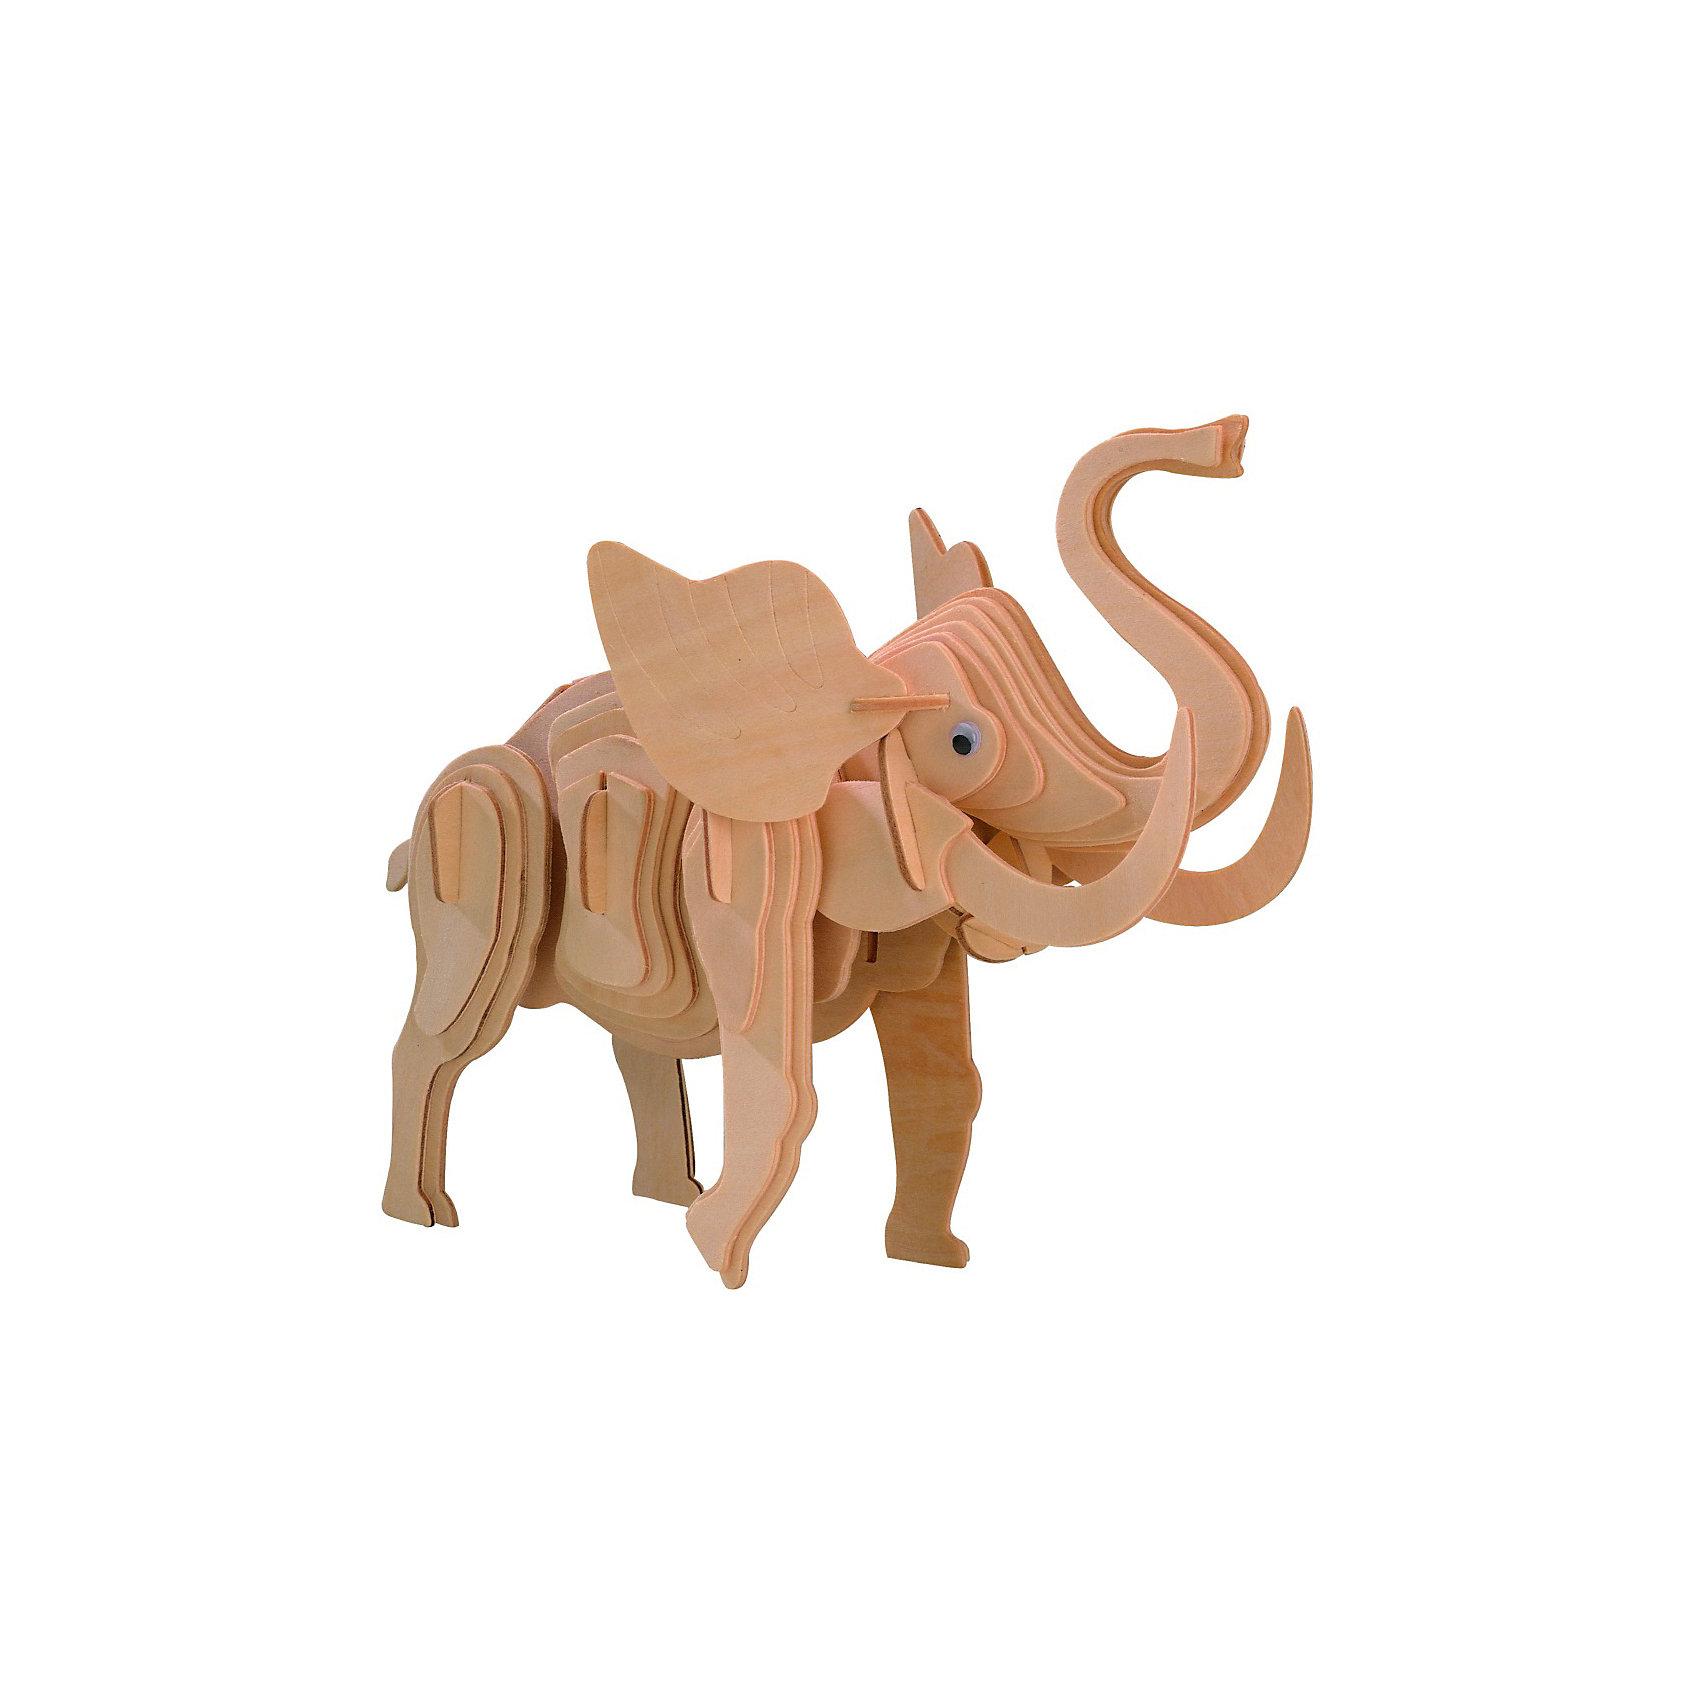 Маленький слон, Мир деревянных игрушекОтличный вариант подарка для творческого ребенка - этот набор, из которого можно самому сделать красивую деревянную фигуру! Для этого нужно выдавить из пластины с деталями элементы для сборки и соединить их. Из наборов получаются красивые очень реалистичные игрушки, которые могут стать украшением комнаты.<br>Собирая их, ребенок будет учиться соотносить фигуры, развивать пространственное мышление, память и мелкую моторику. А раскрашивая готовое произведение, дети научатся подбирать цвета и будут развивать художественные навыки. Этот набор произведен из качественных и безопасных для детей материалов - дерево тщательно обработано.<br><br>Дополнительная информация:<br><br>материал: дерево;<br>цвет: бежевый;<br>элементы: пластины с деталями для сборки;<br>размер упаковки: 23 х 18 см.<br><br>3D-пазл Маленький слон от бренда Мир деревянных игрушек можно купить в нашем магазине.<br><br>Ширина мм: 225<br>Глубина мм: 30<br>Высота мм: 180<br>Вес г: 450<br>Возраст от месяцев: 36<br>Возраст до месяцев: 144<br>Пол: Унисекс<br>Возраст: Детский<br>SKU: 4969080